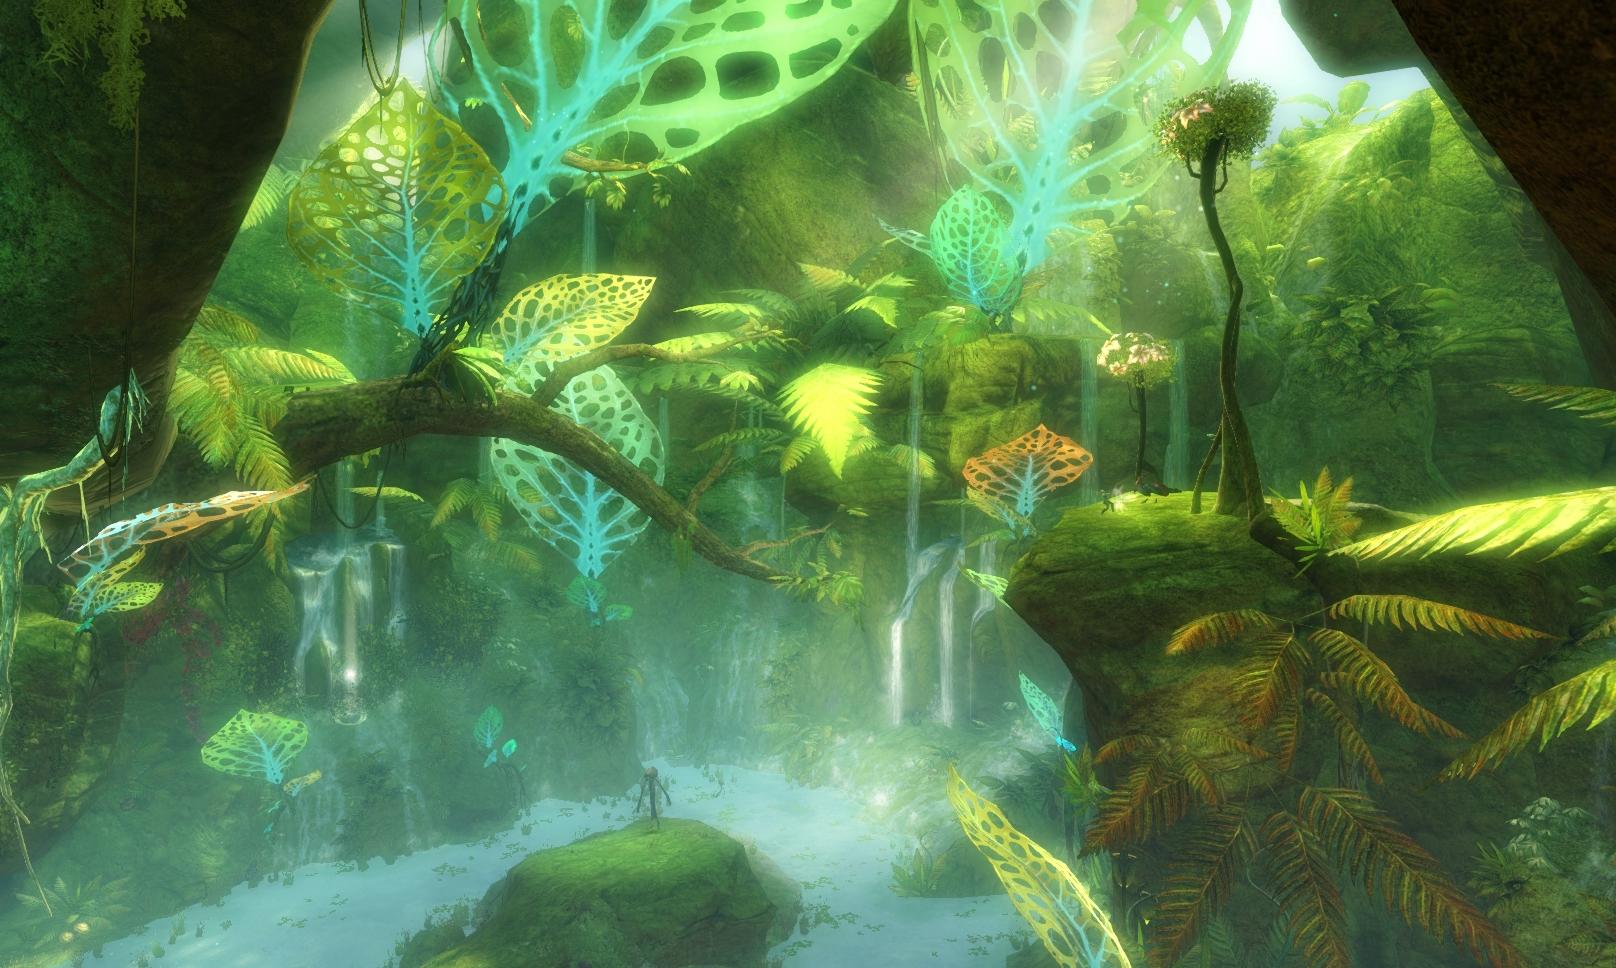 Guild Wars 2 - Vistas in Caledon Forest - 01 Ogham Wilds